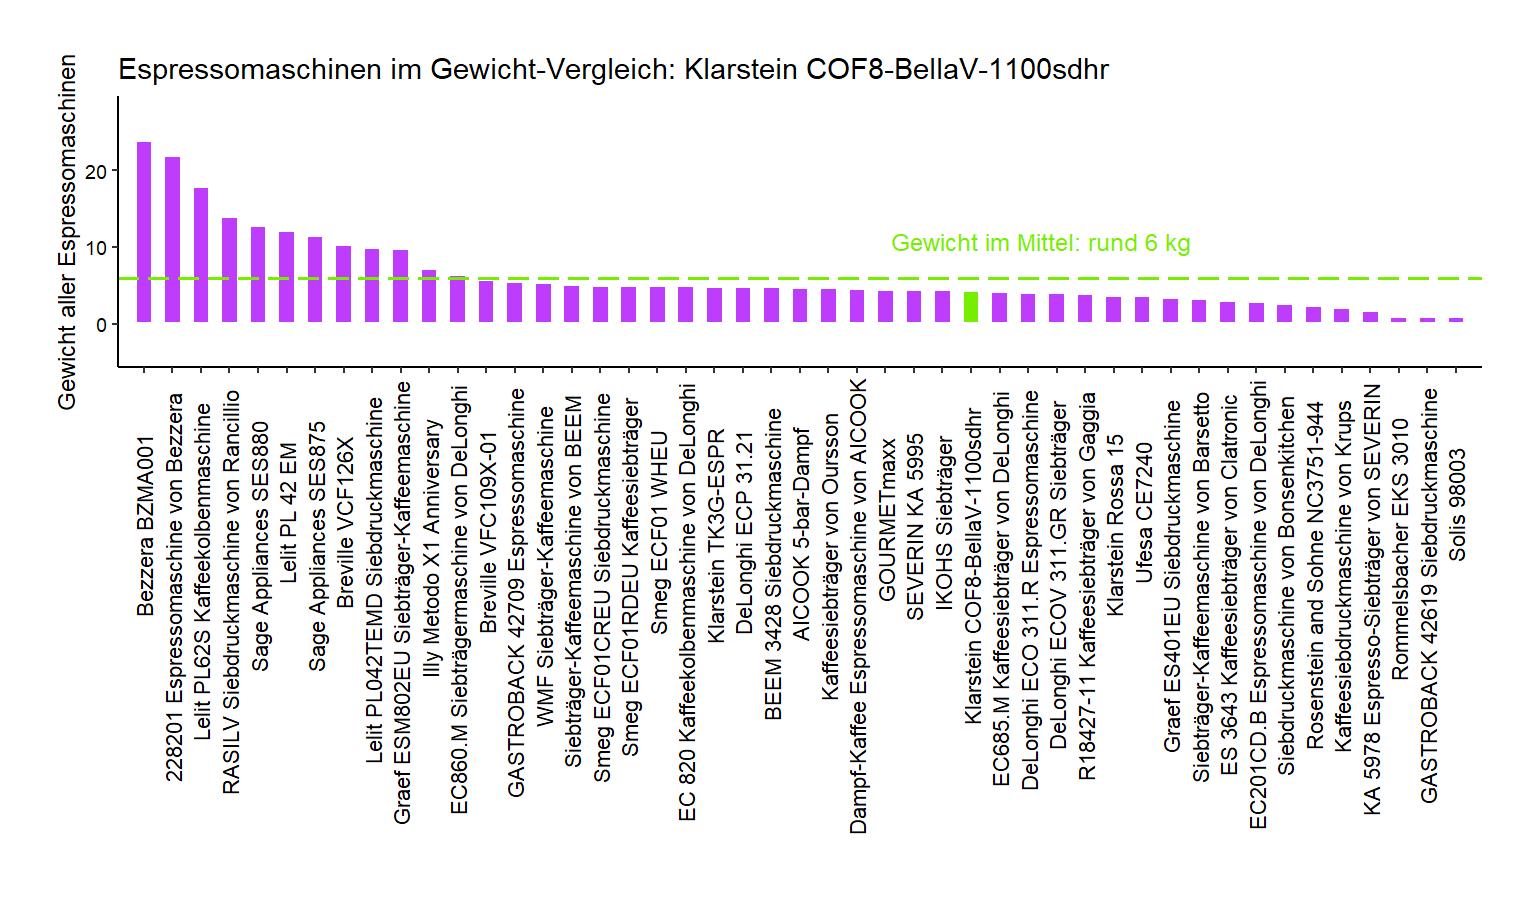 Gewicht-Vergleich von der Klarstein Siebdruckmaschine COF8-BellaV-1100sdhr